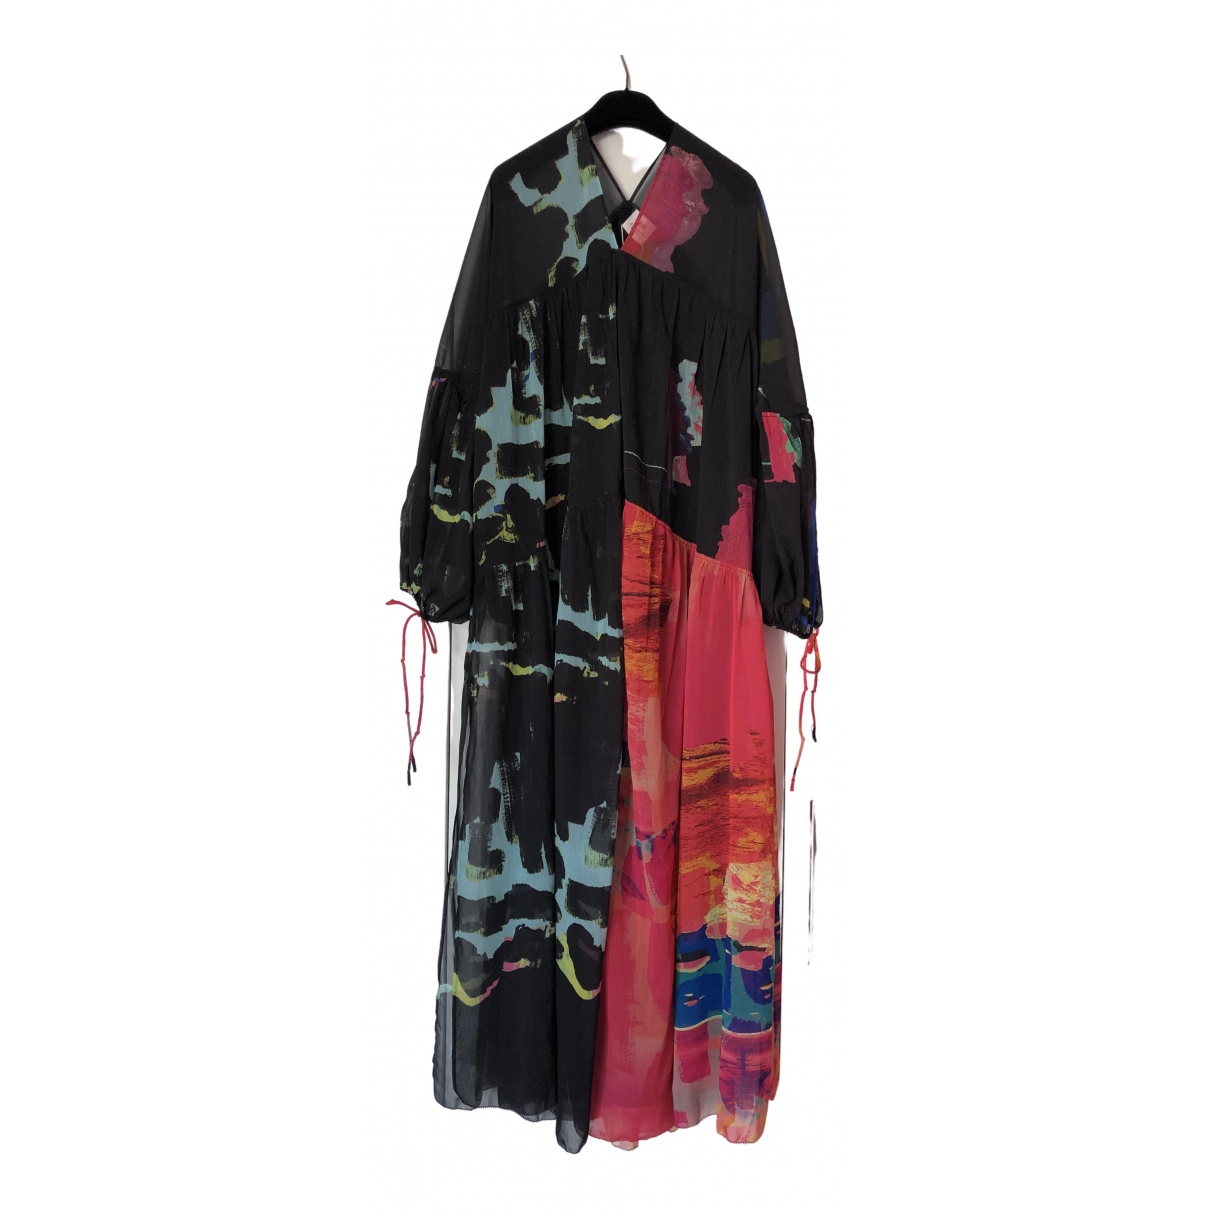 H&m Studio \N dress for Women S International